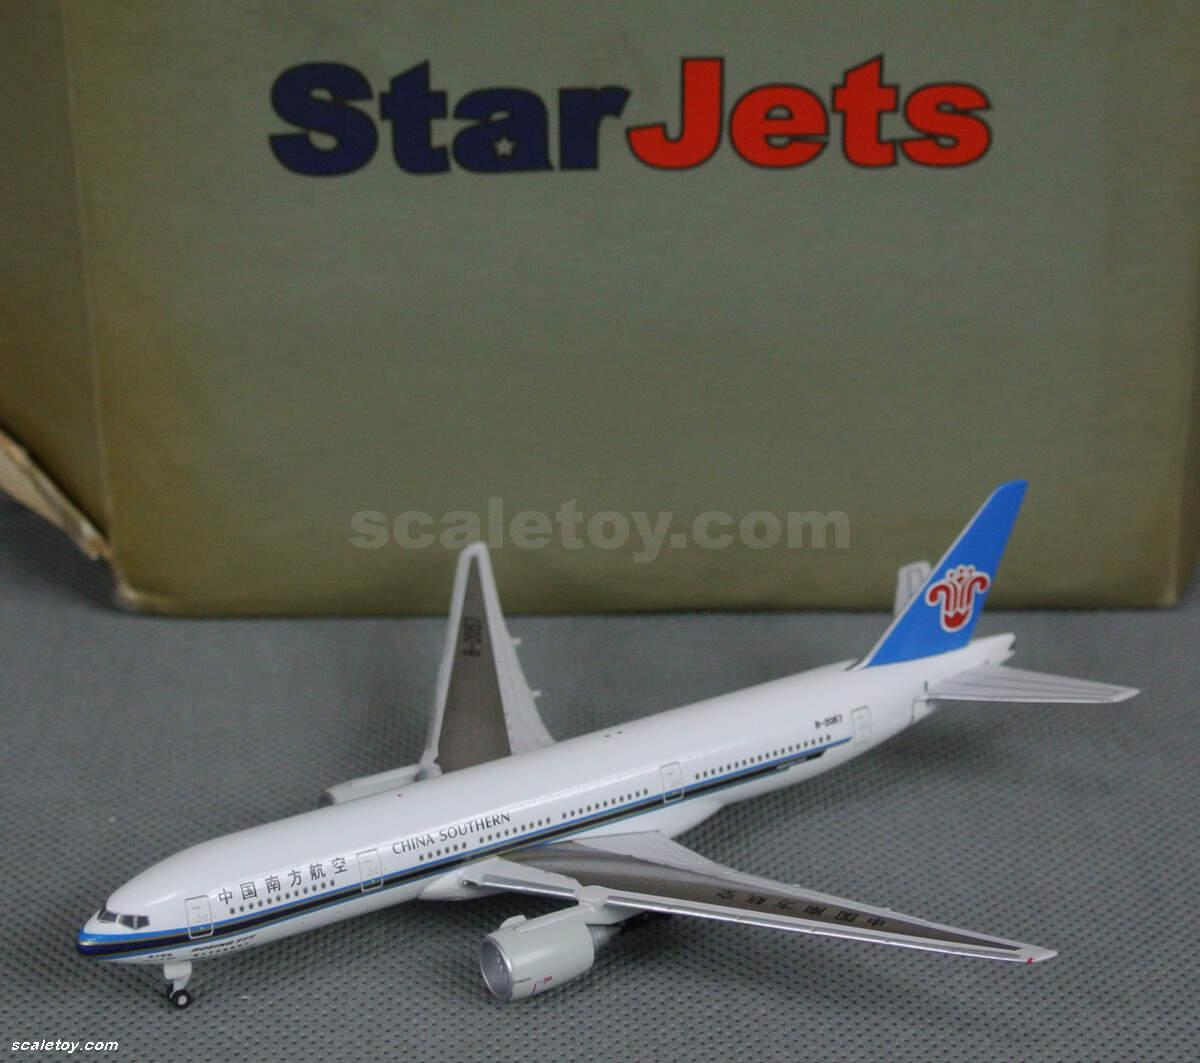 这架模型由starjets出品,属于schuco的下属飞机品牌,比例1/500.